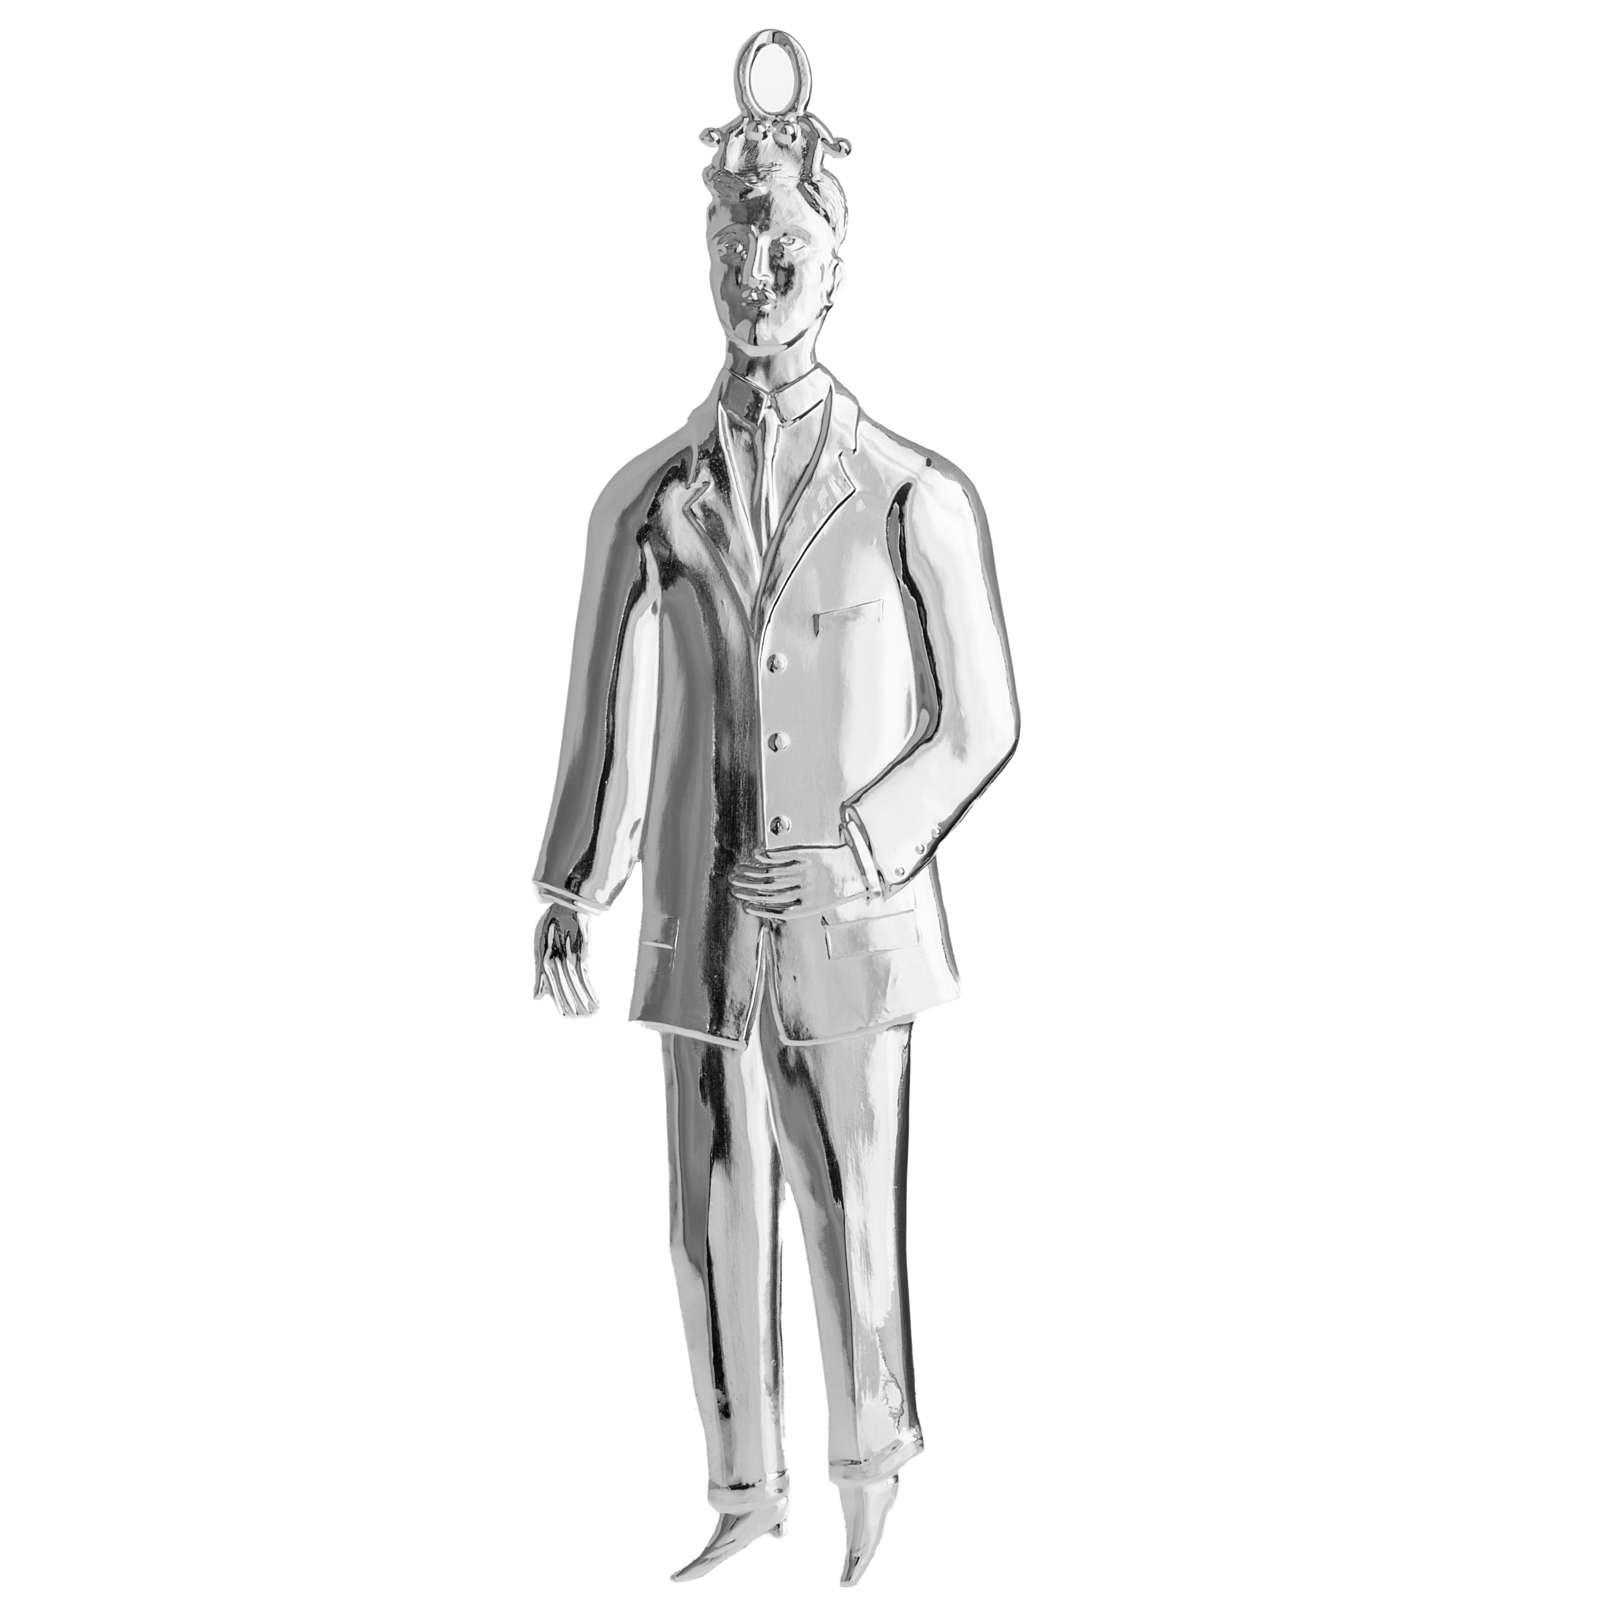 Ex voto uomo argento 925 o metallo 21 cm 3